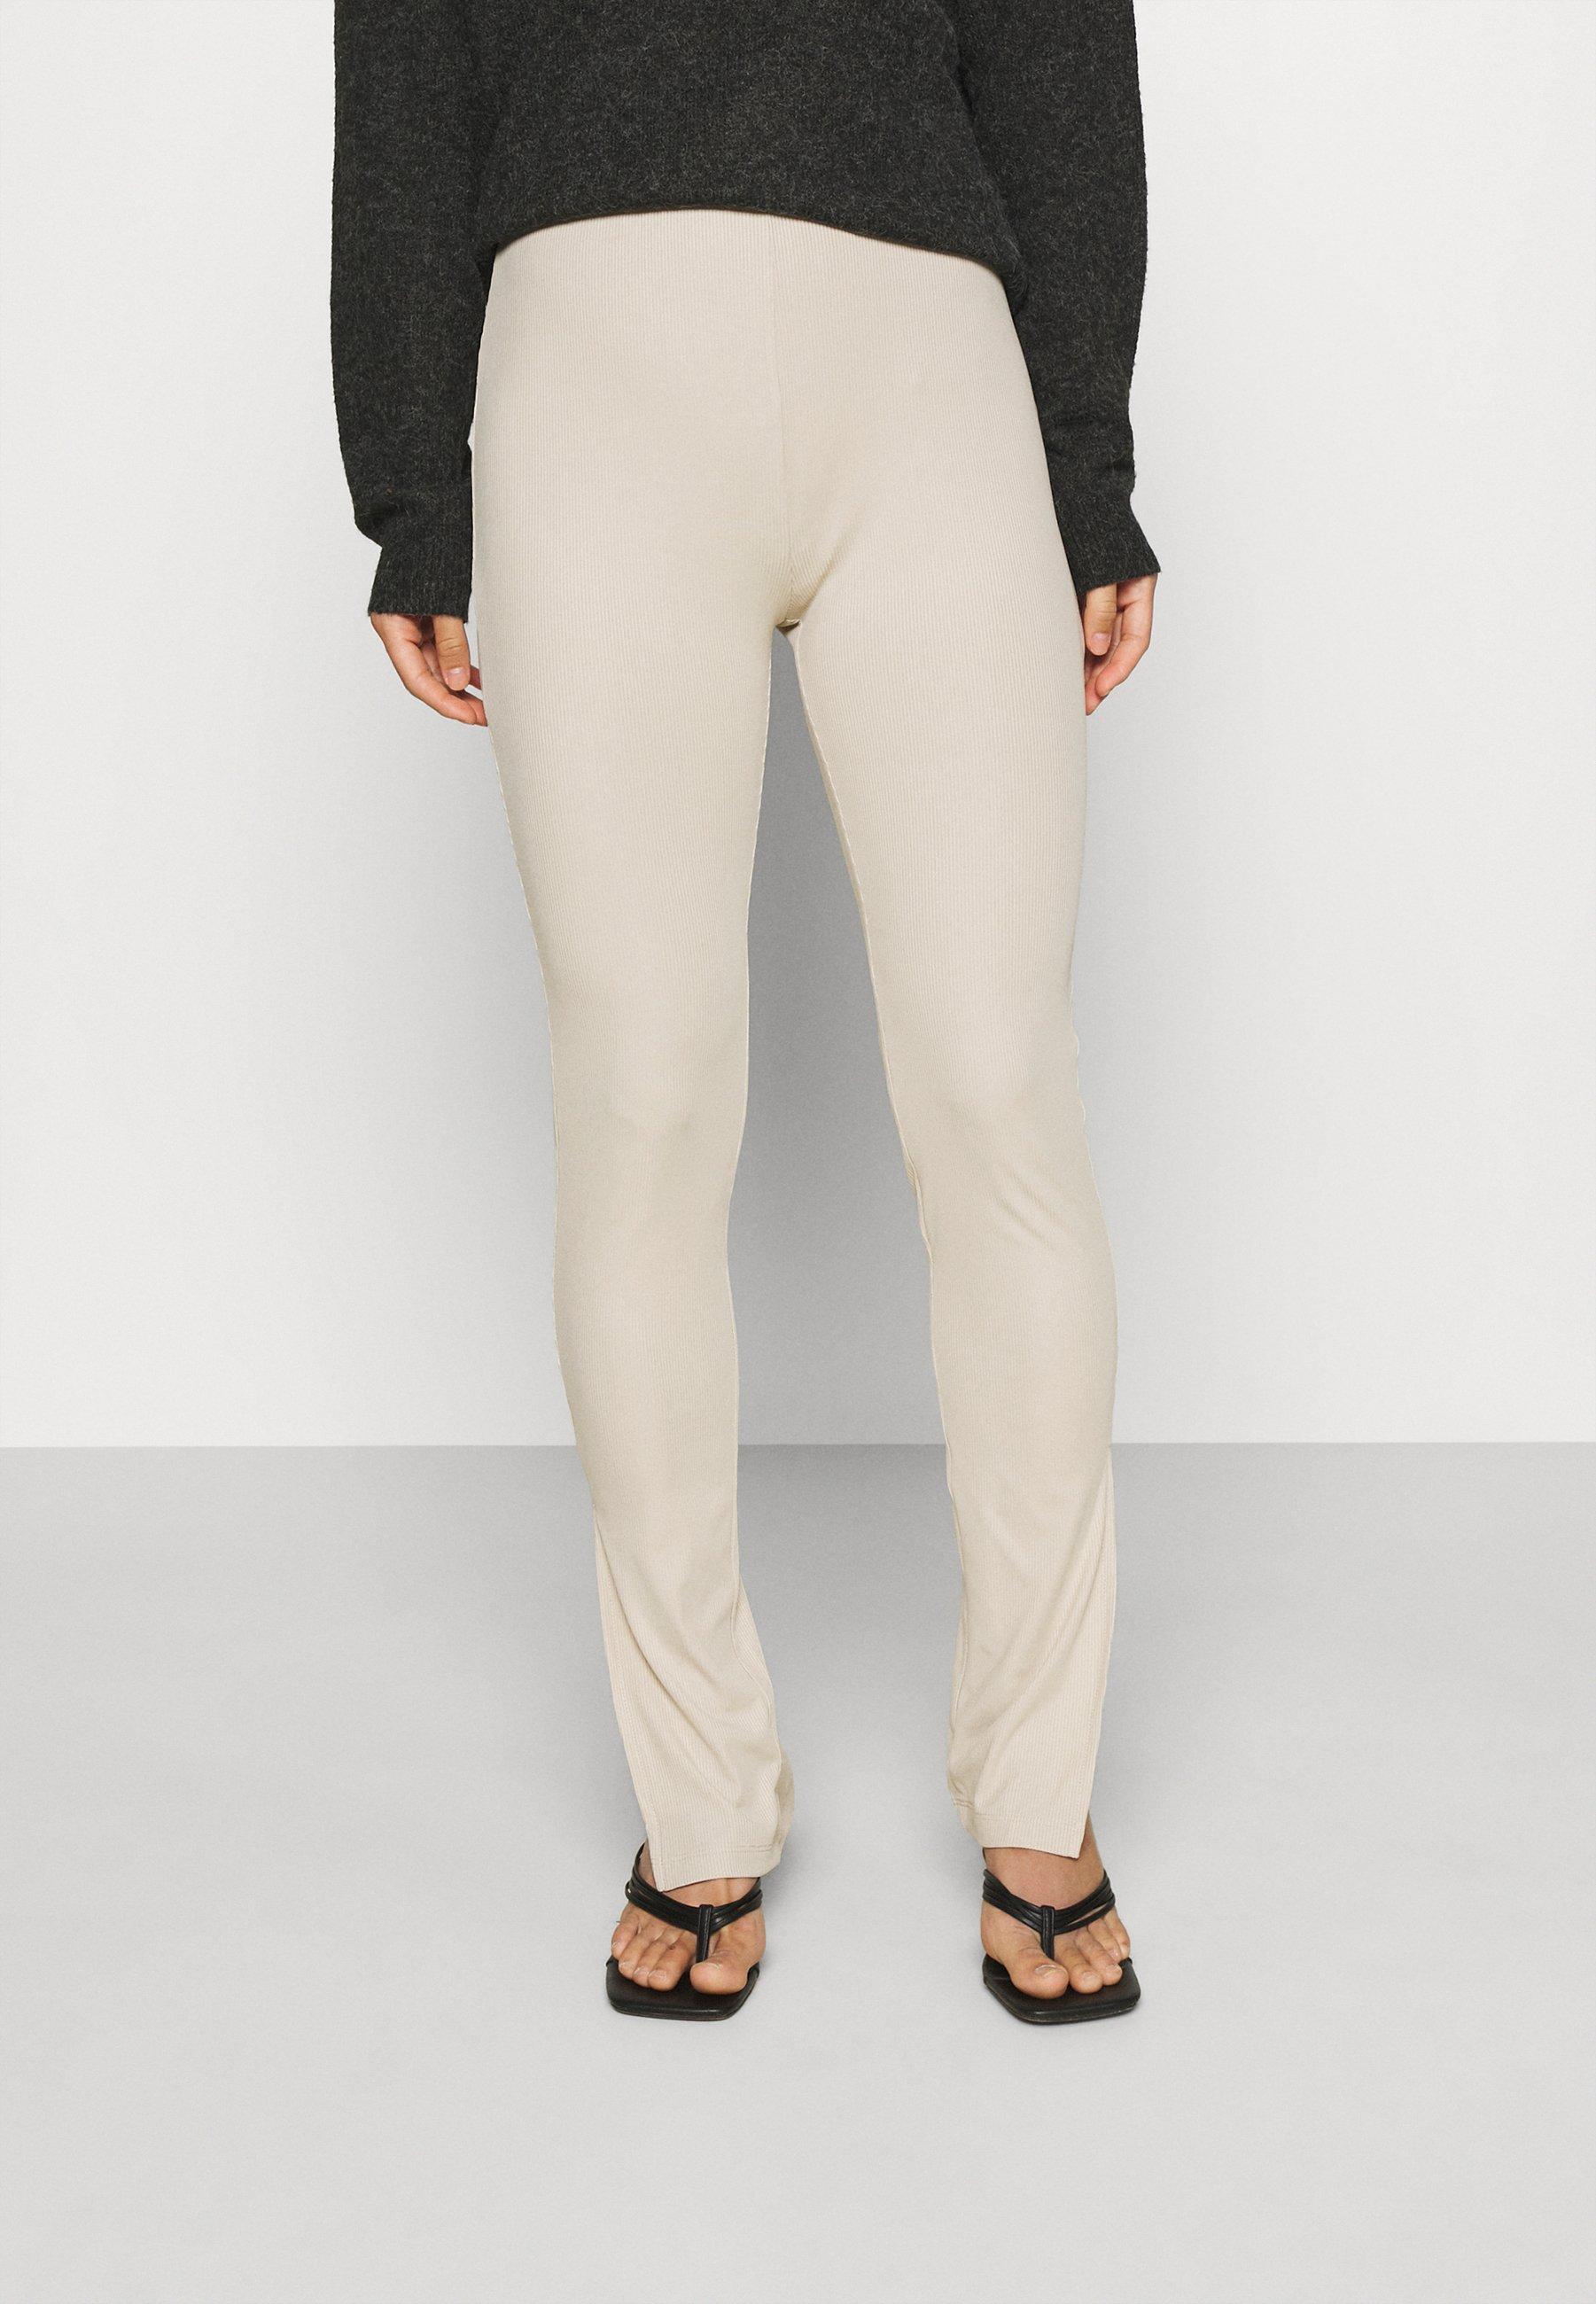 Damen SPLIT SIDE PANT - Leggings - Hosen